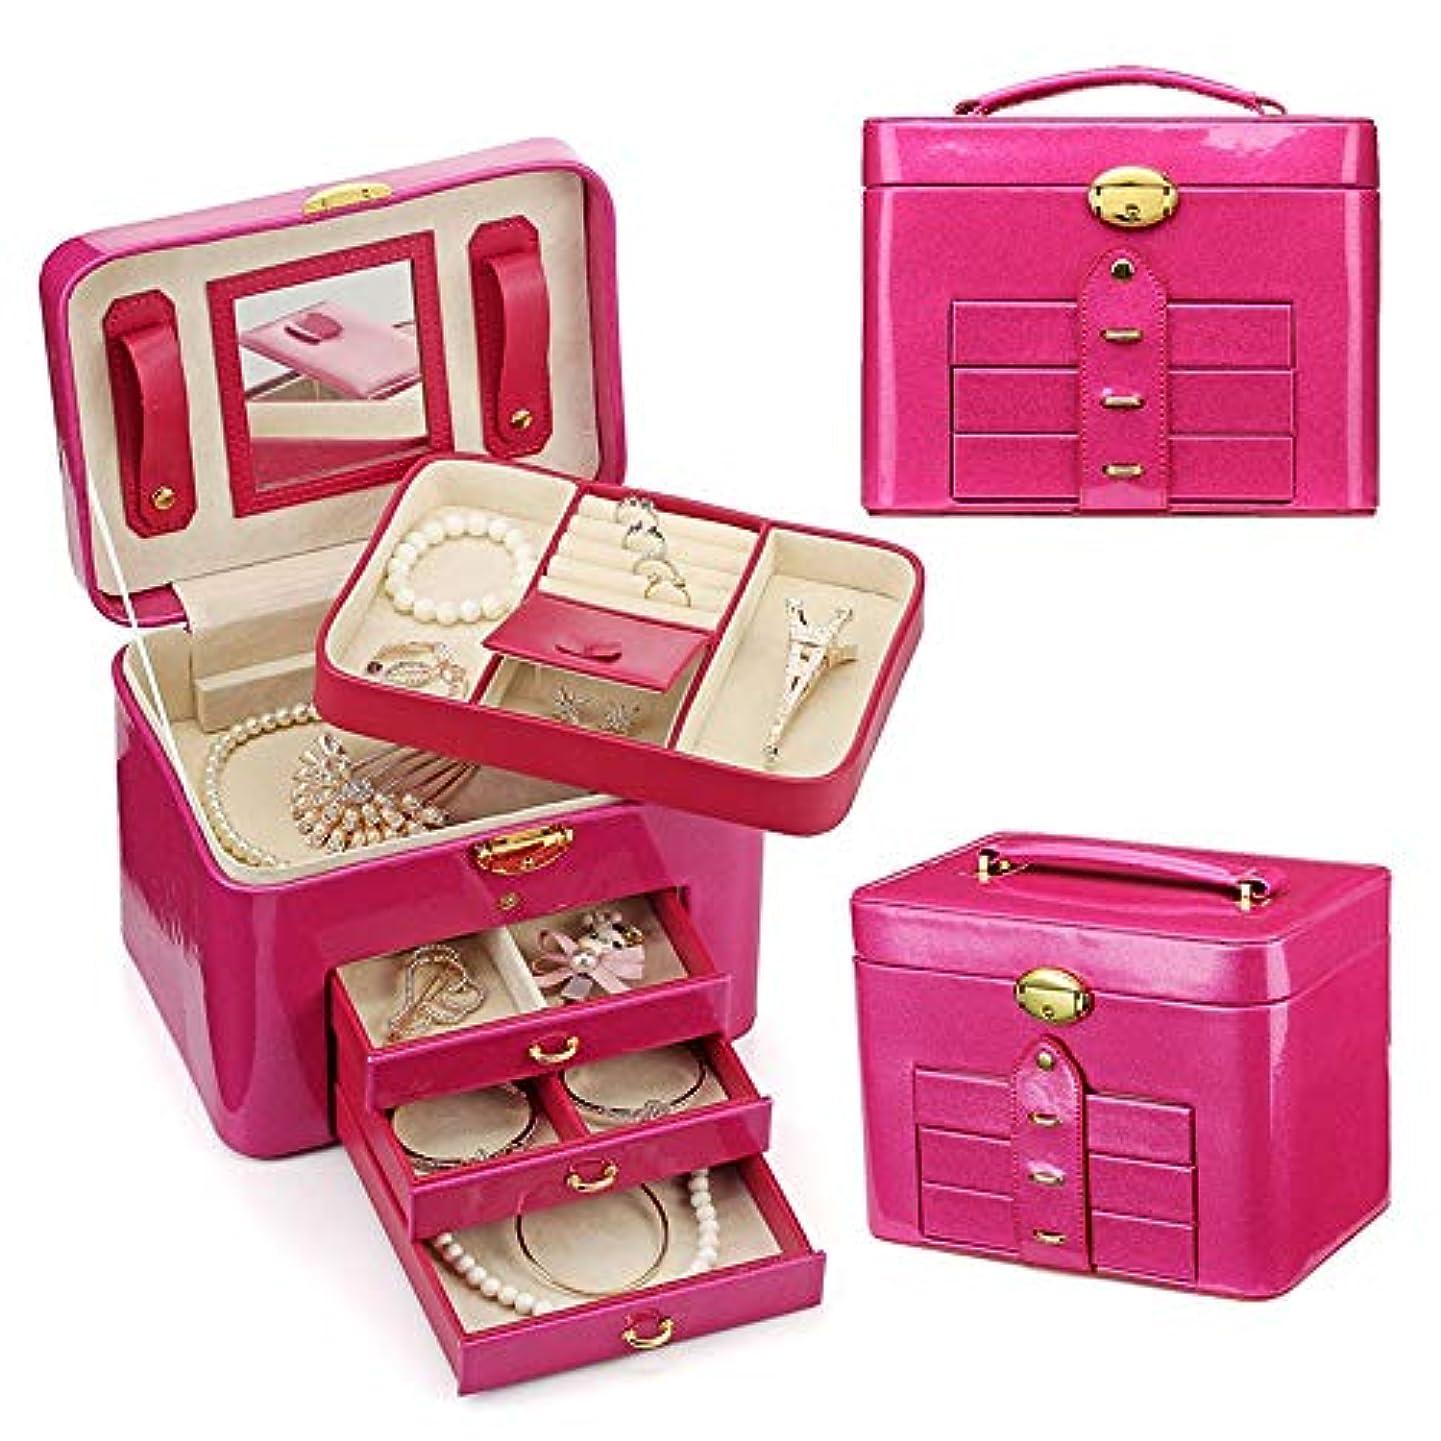 伴う便宜探偵化粧オーガナイザーバッグ 多層の引き出し女性の宝石の収納箱小物のストレージのための 化粧品ケース (色 : ローズレッド)